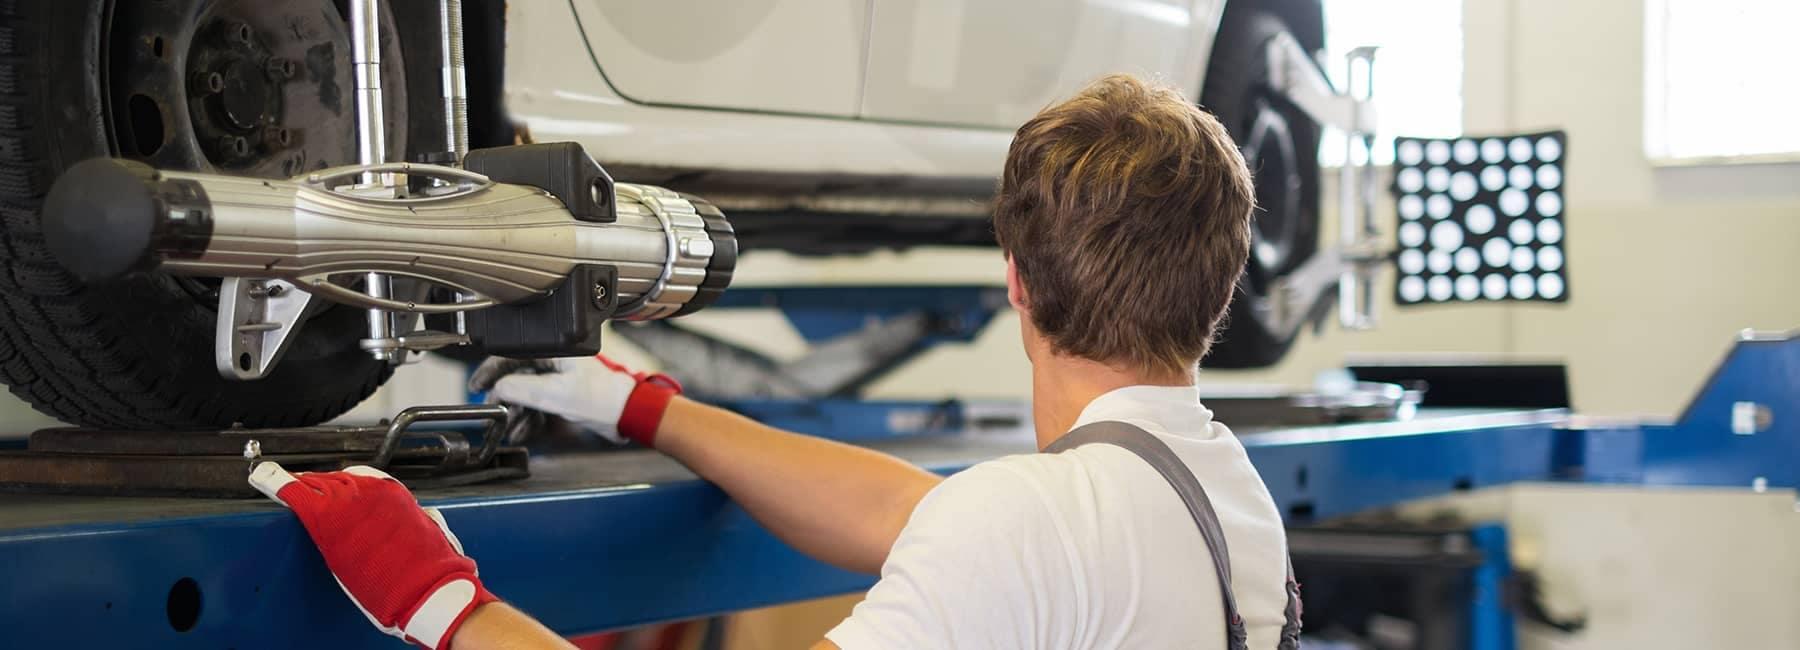 Mechanic doing an alignment